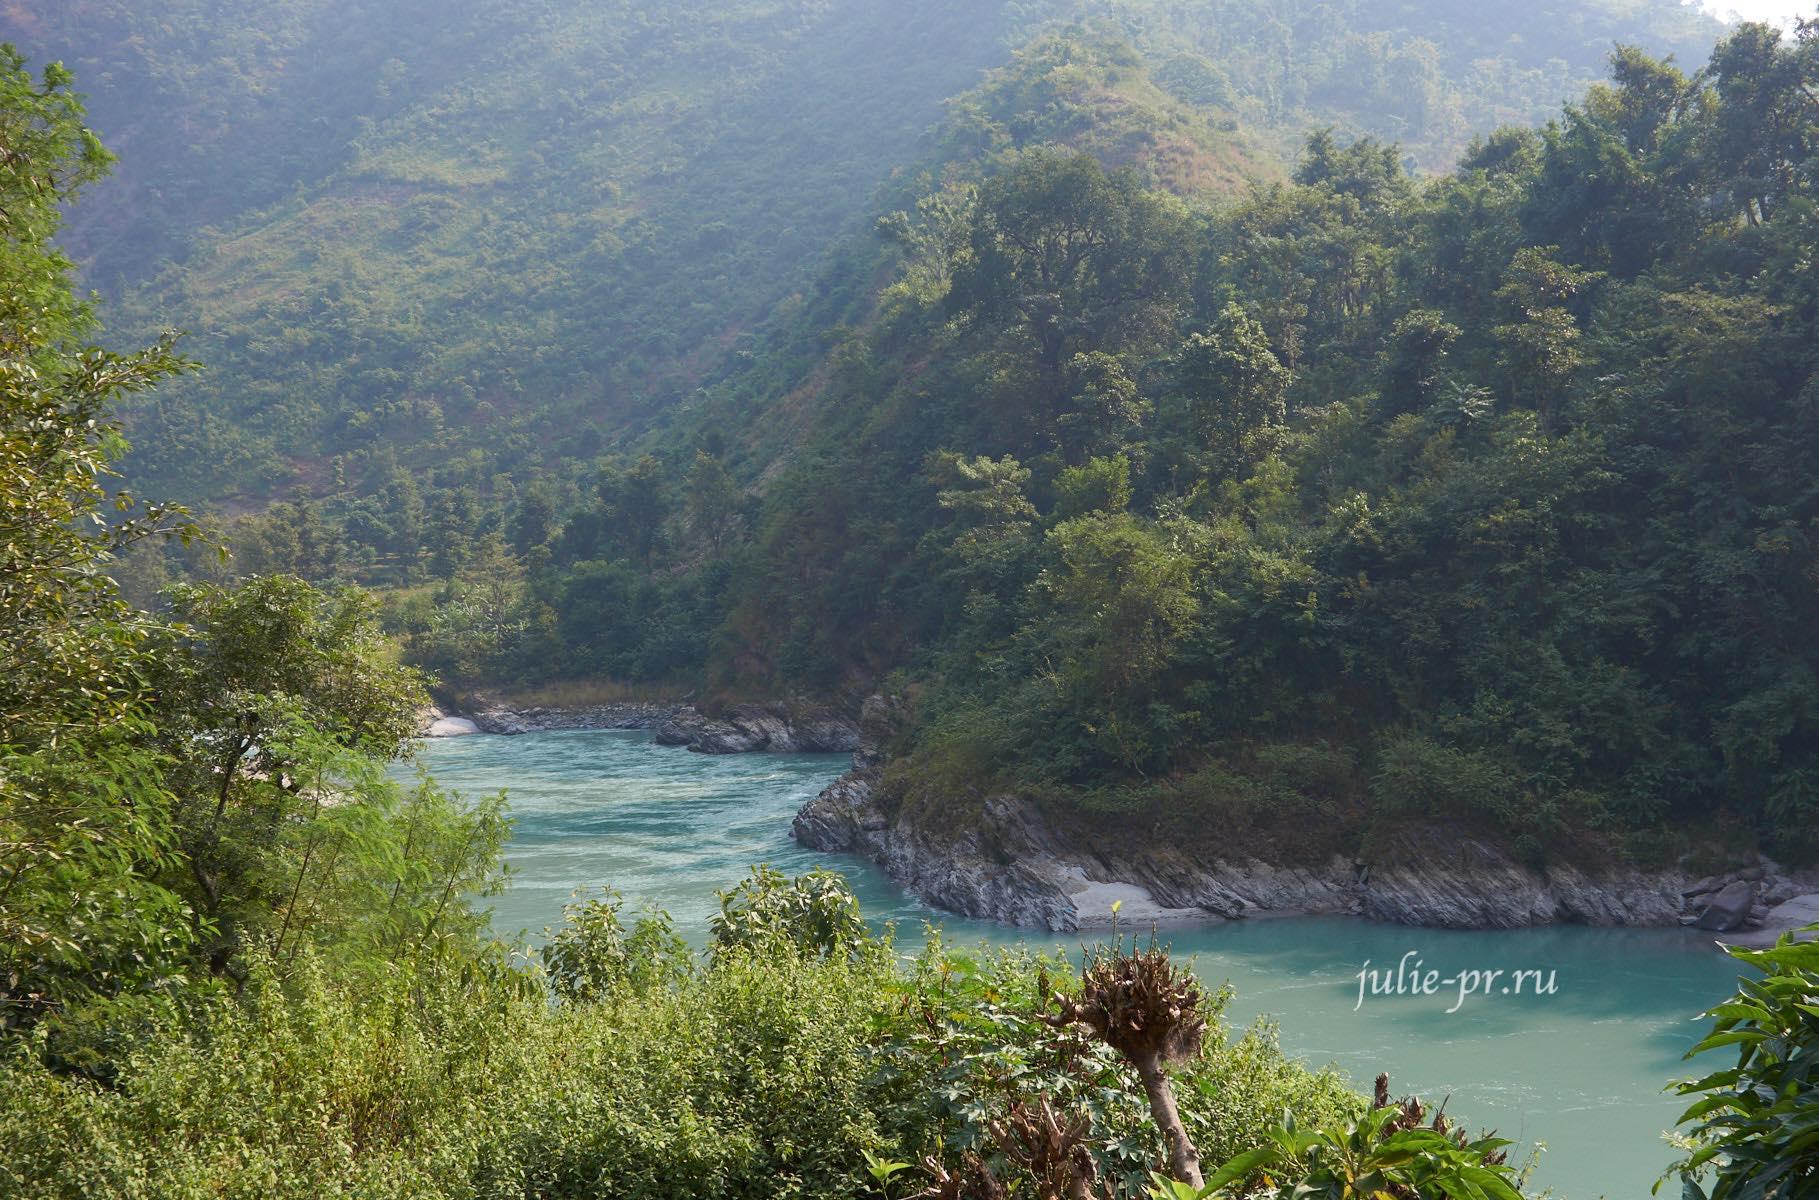 Непал, река Трисули